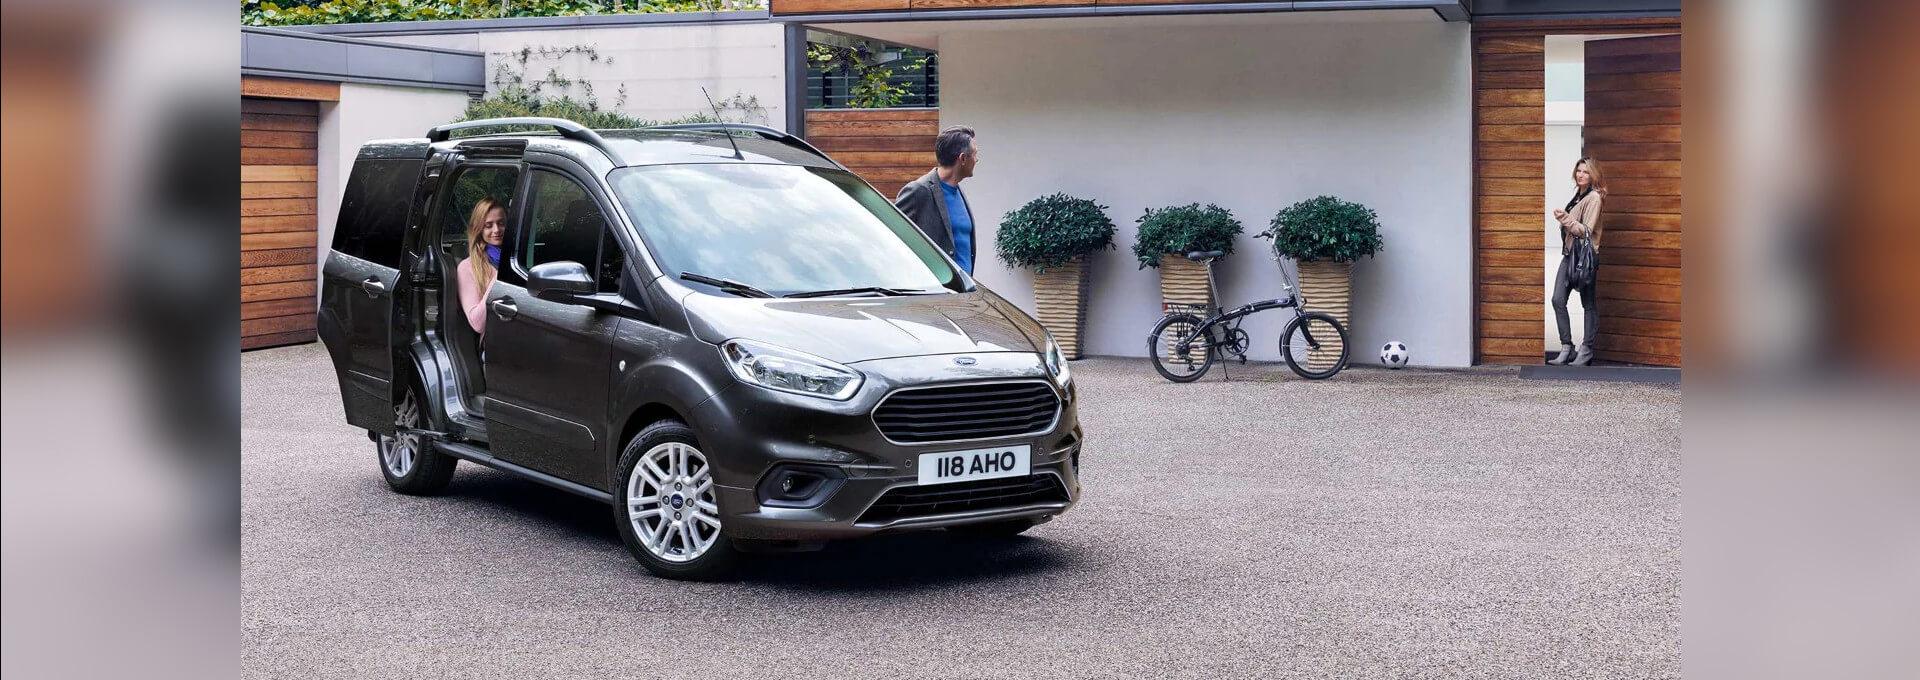 Tourneo Courier grauer Ford Van vor Haus